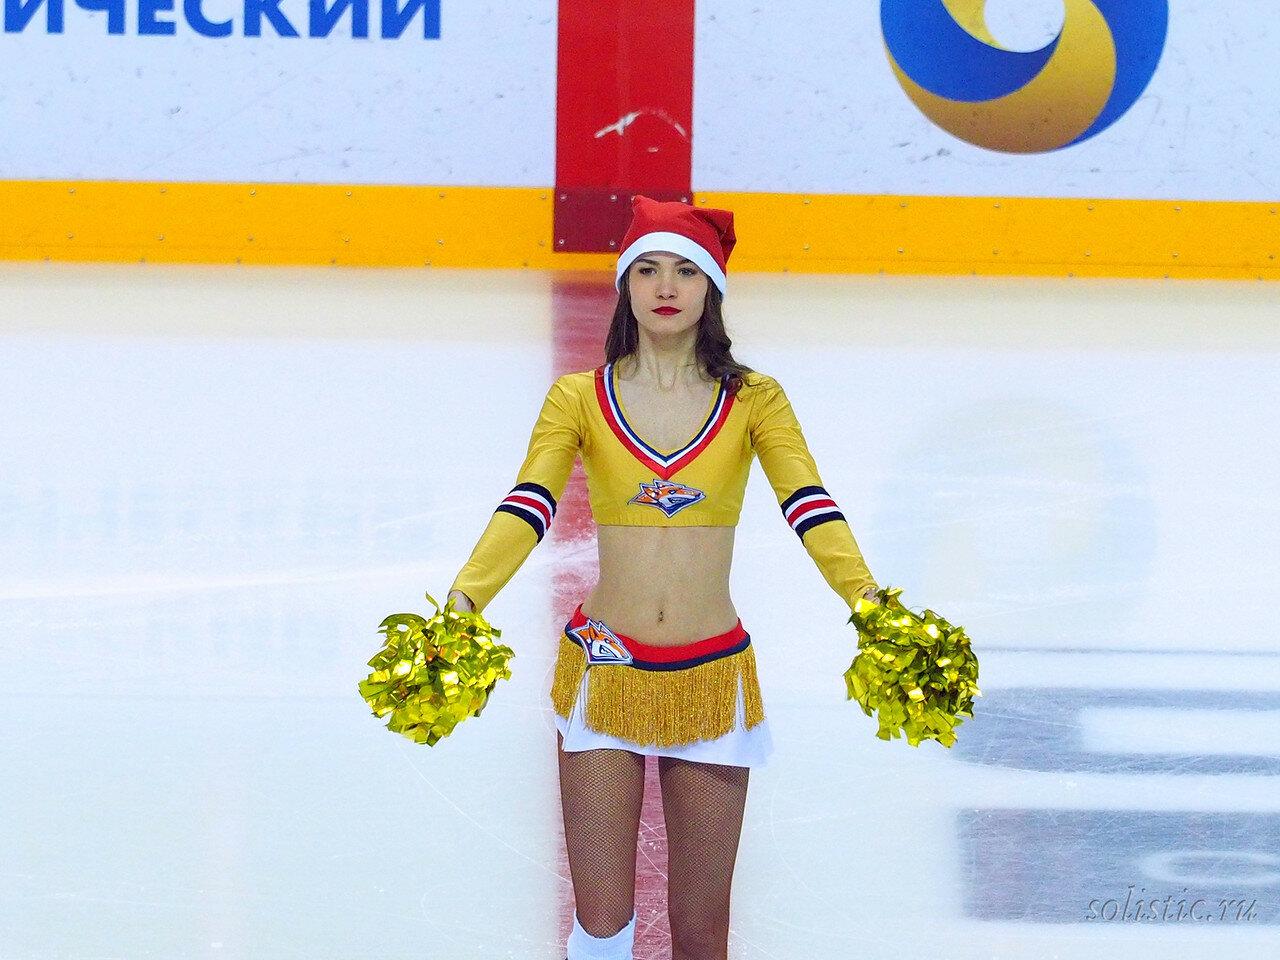 62 Металлург - Динамо Минск 03.01.2017